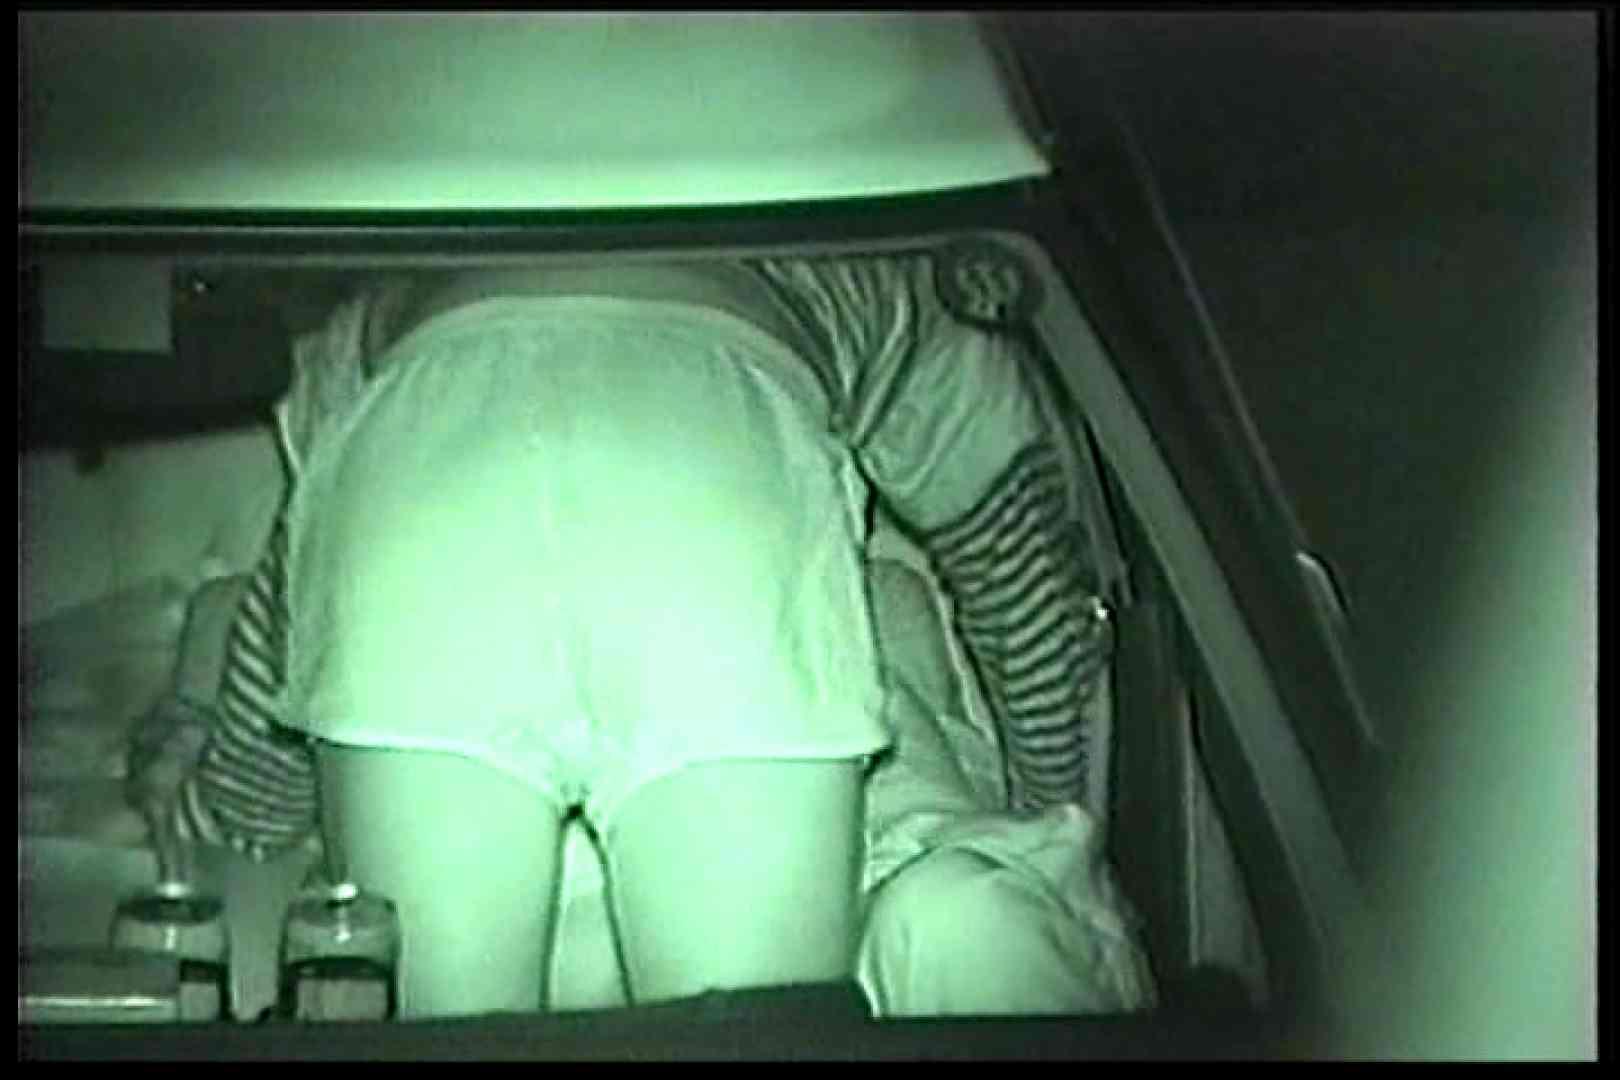 車の中はラブホテル 無修正版  Vol.11 すけべなOL ヌード画像 86画像 10